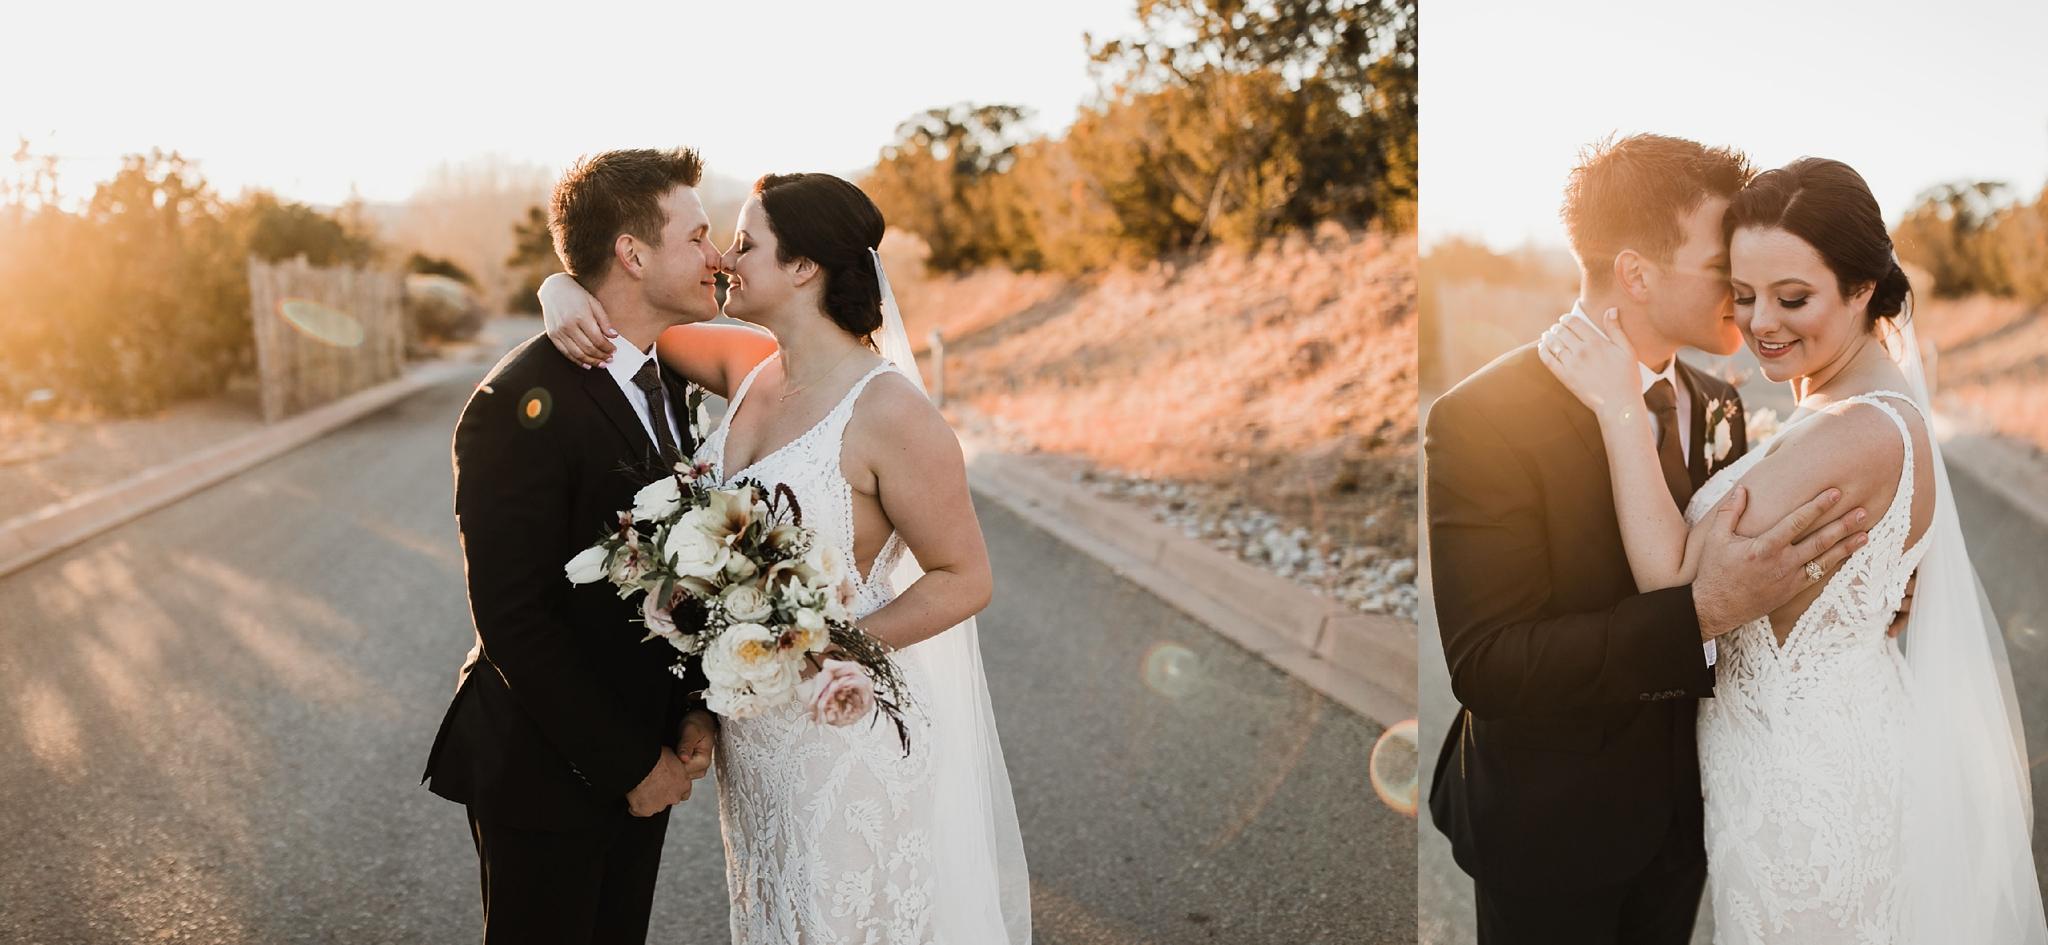 Alicia+lucia+photography+-+albuquerque+wedding+photographer+-+santa+fe+wedding+photography+-+new+mexico+wedding+photographer+-+new+mexico+wedding+-+albuquerque+wedding+-+santa+fe+wedding+-+wedding+romantics_0005.jpg